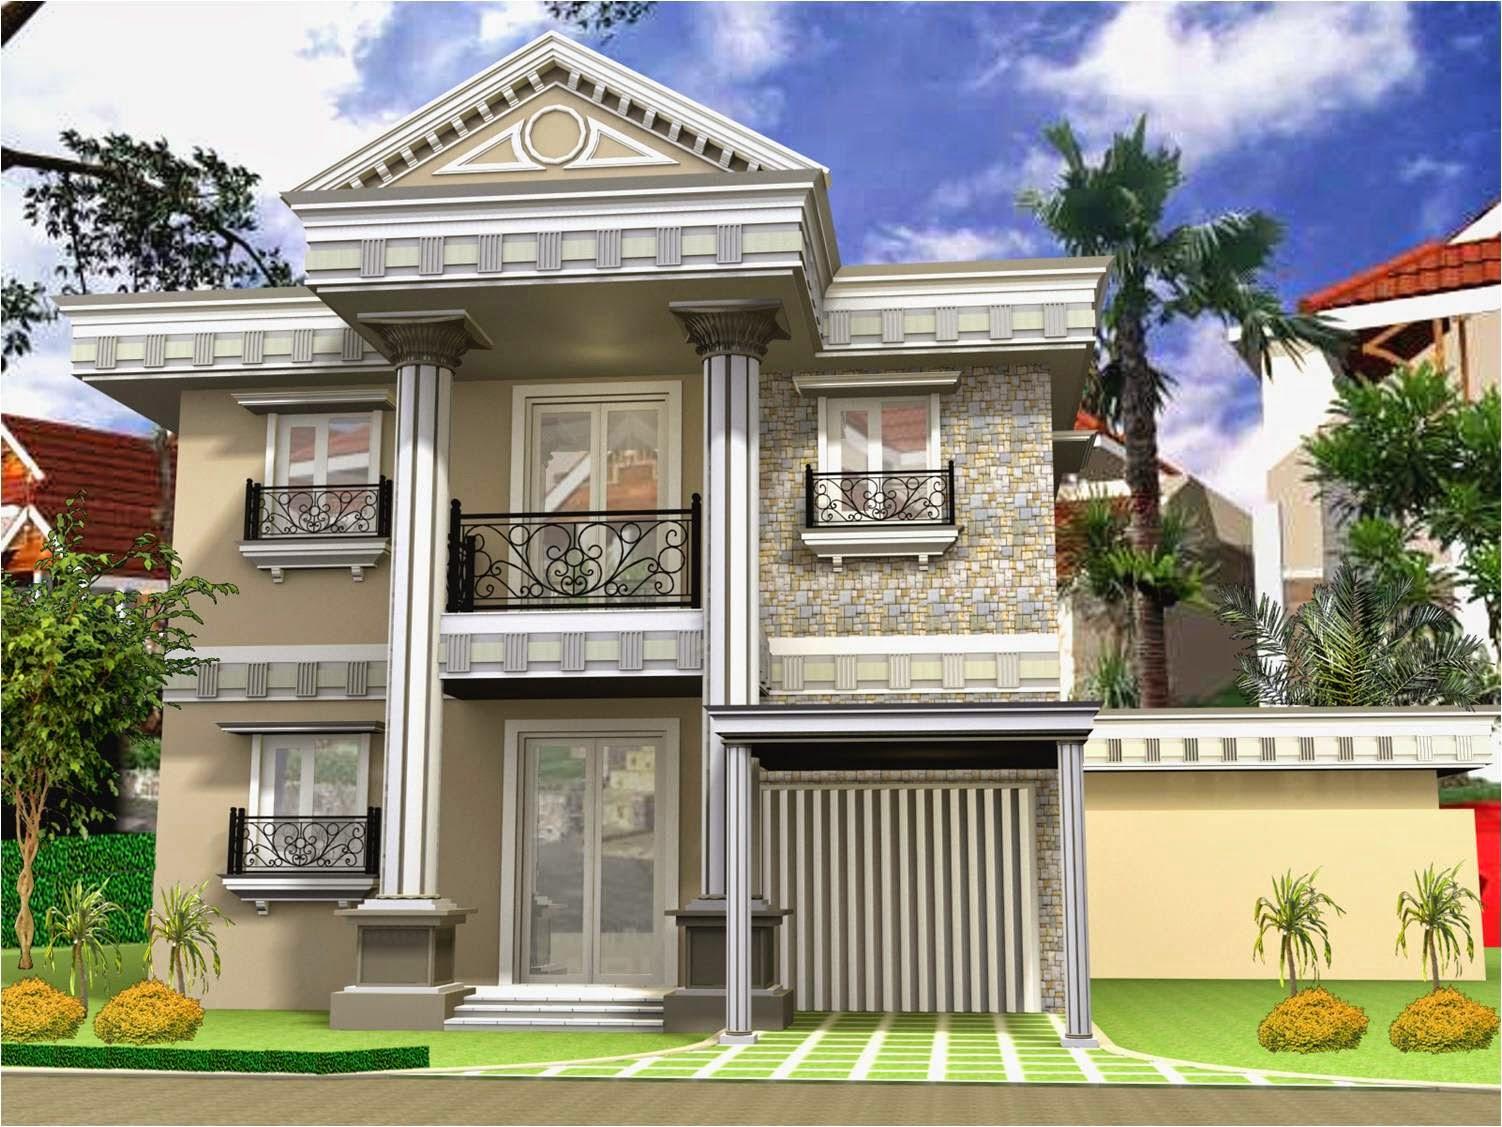 89 Macam Desain Rumah Minimalis 2 Lantai Ala Eropa Paling Terkenal Deagam Design